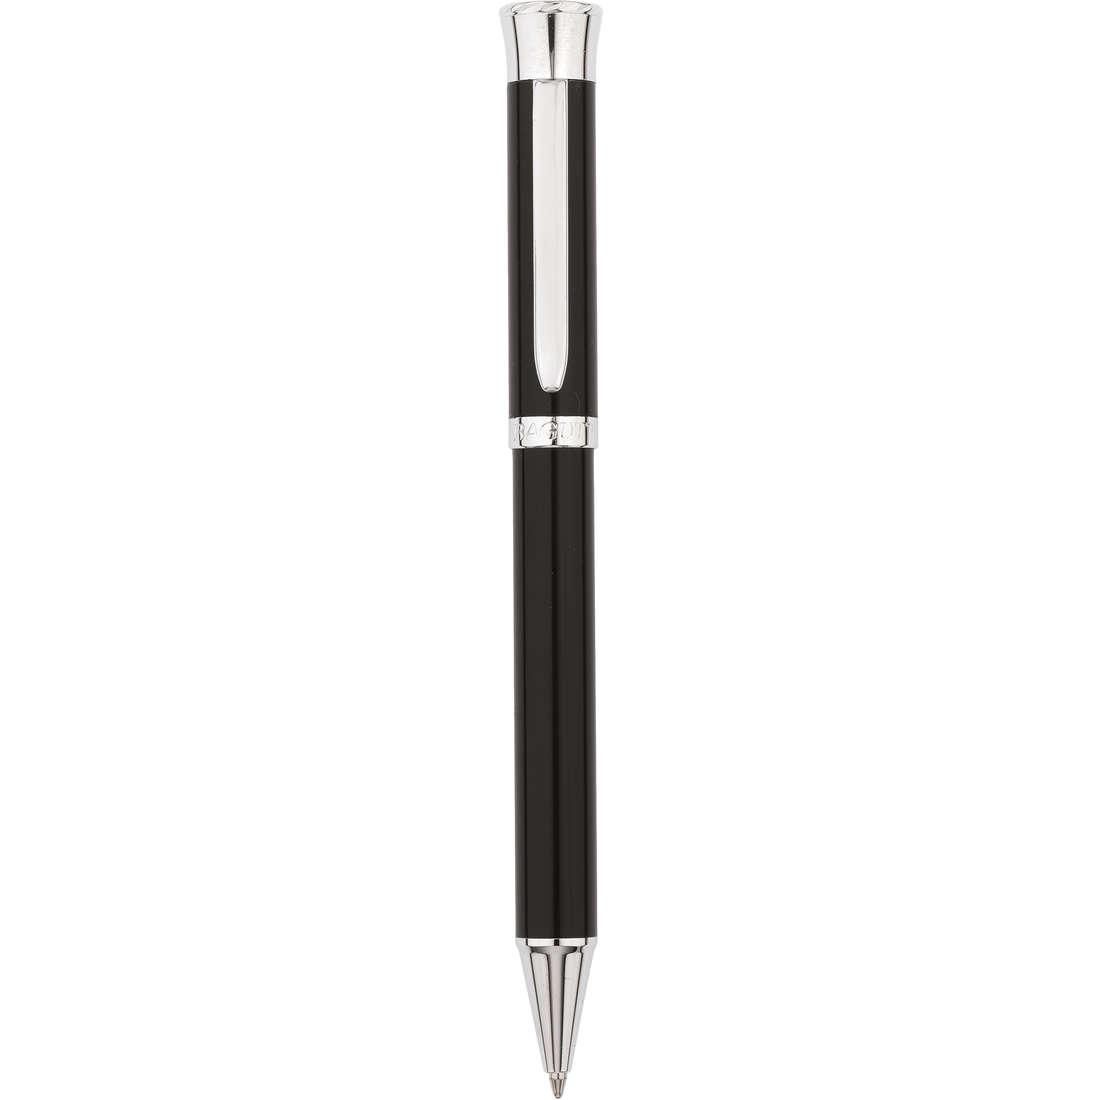 stylo unisex bijoux Bagutta Penne H 6005-02 B